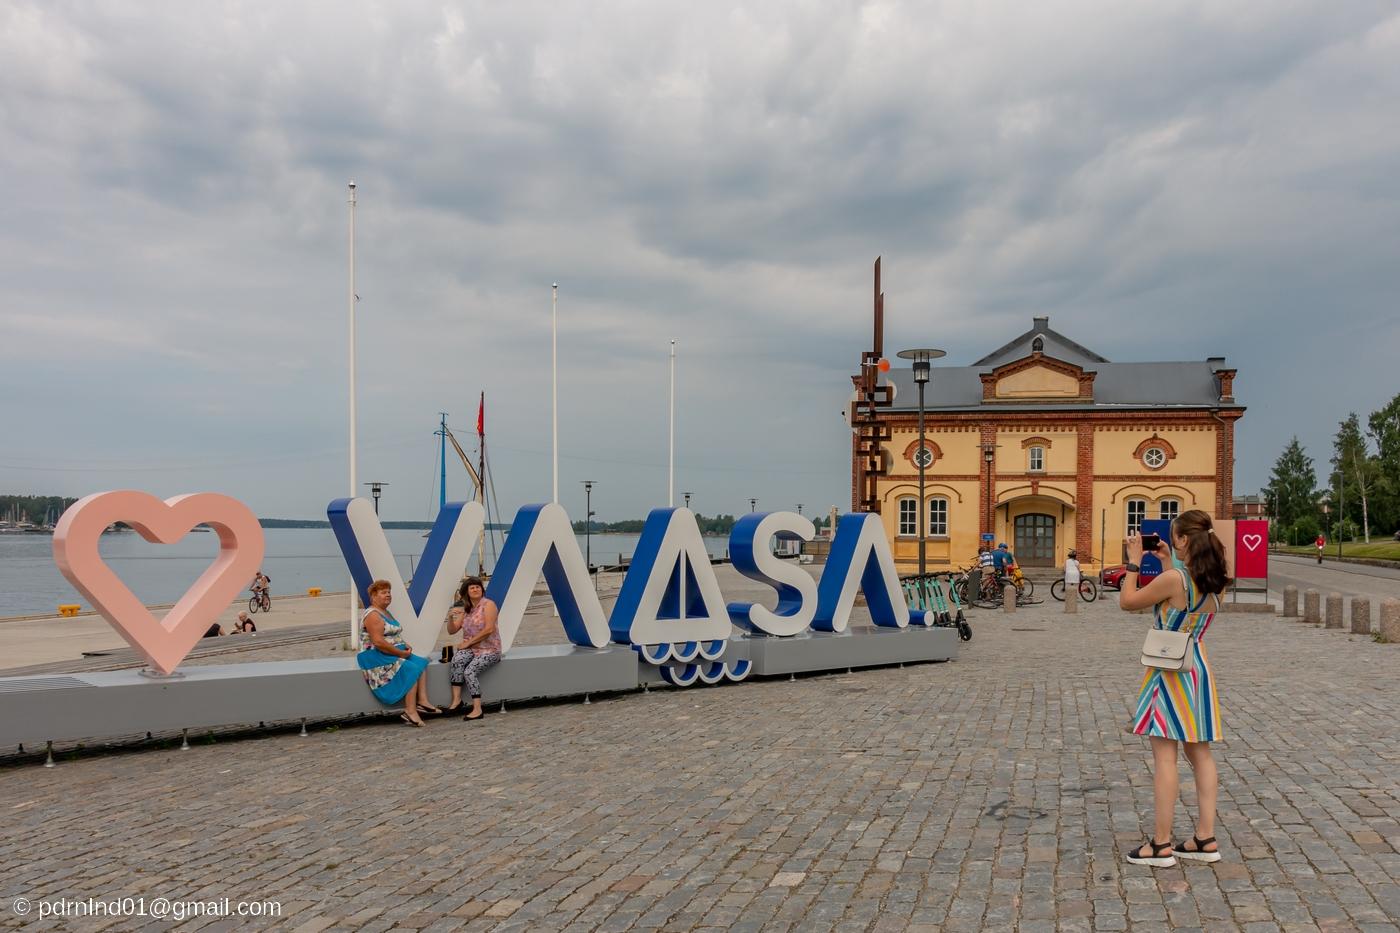 Inre hamnen i Vasa